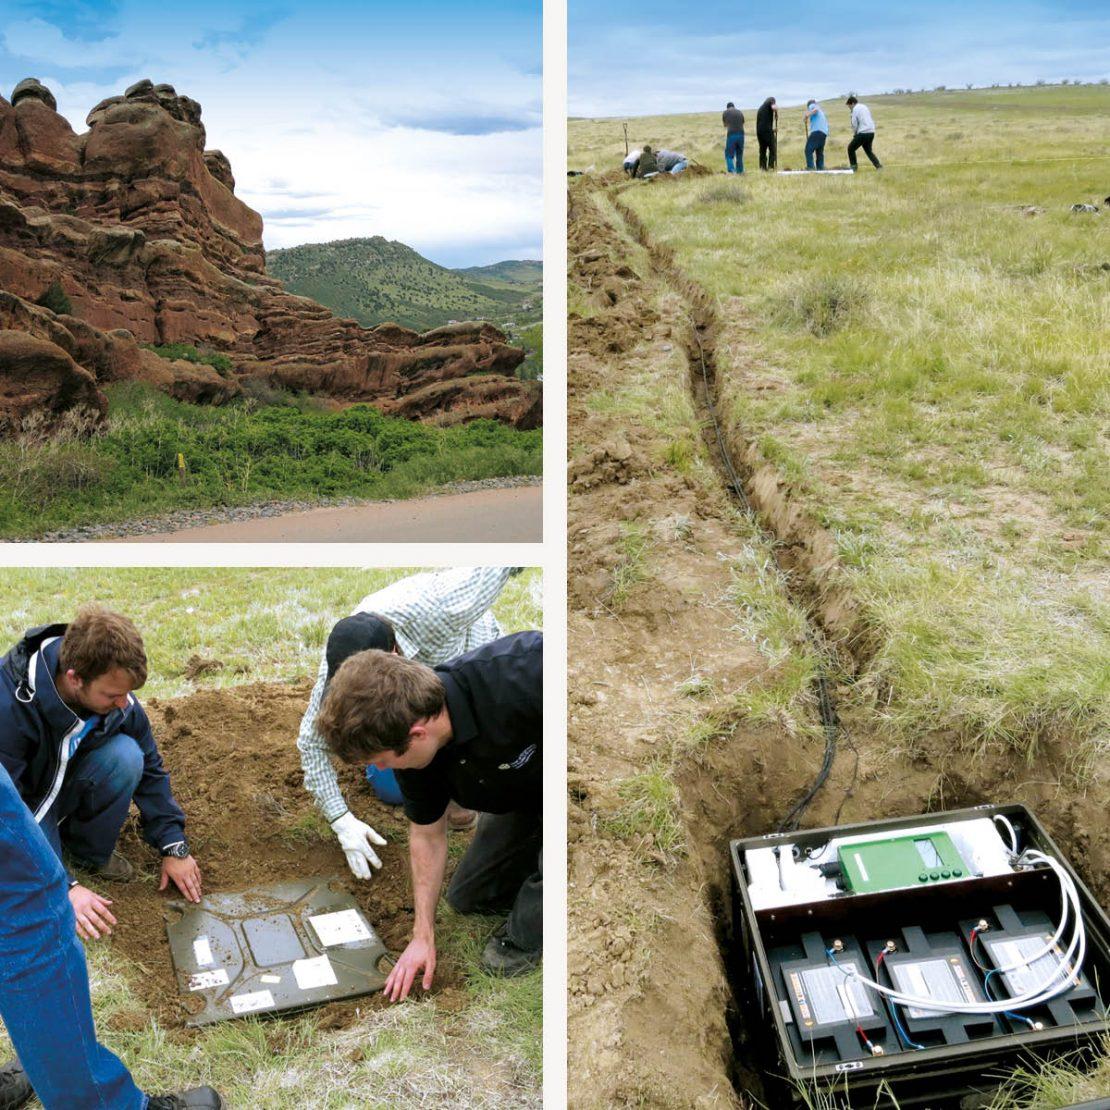 Auf dem Bild sieht man ein Team von jungen Forschern, die eine empfindliche Antenne im Boden installieren.